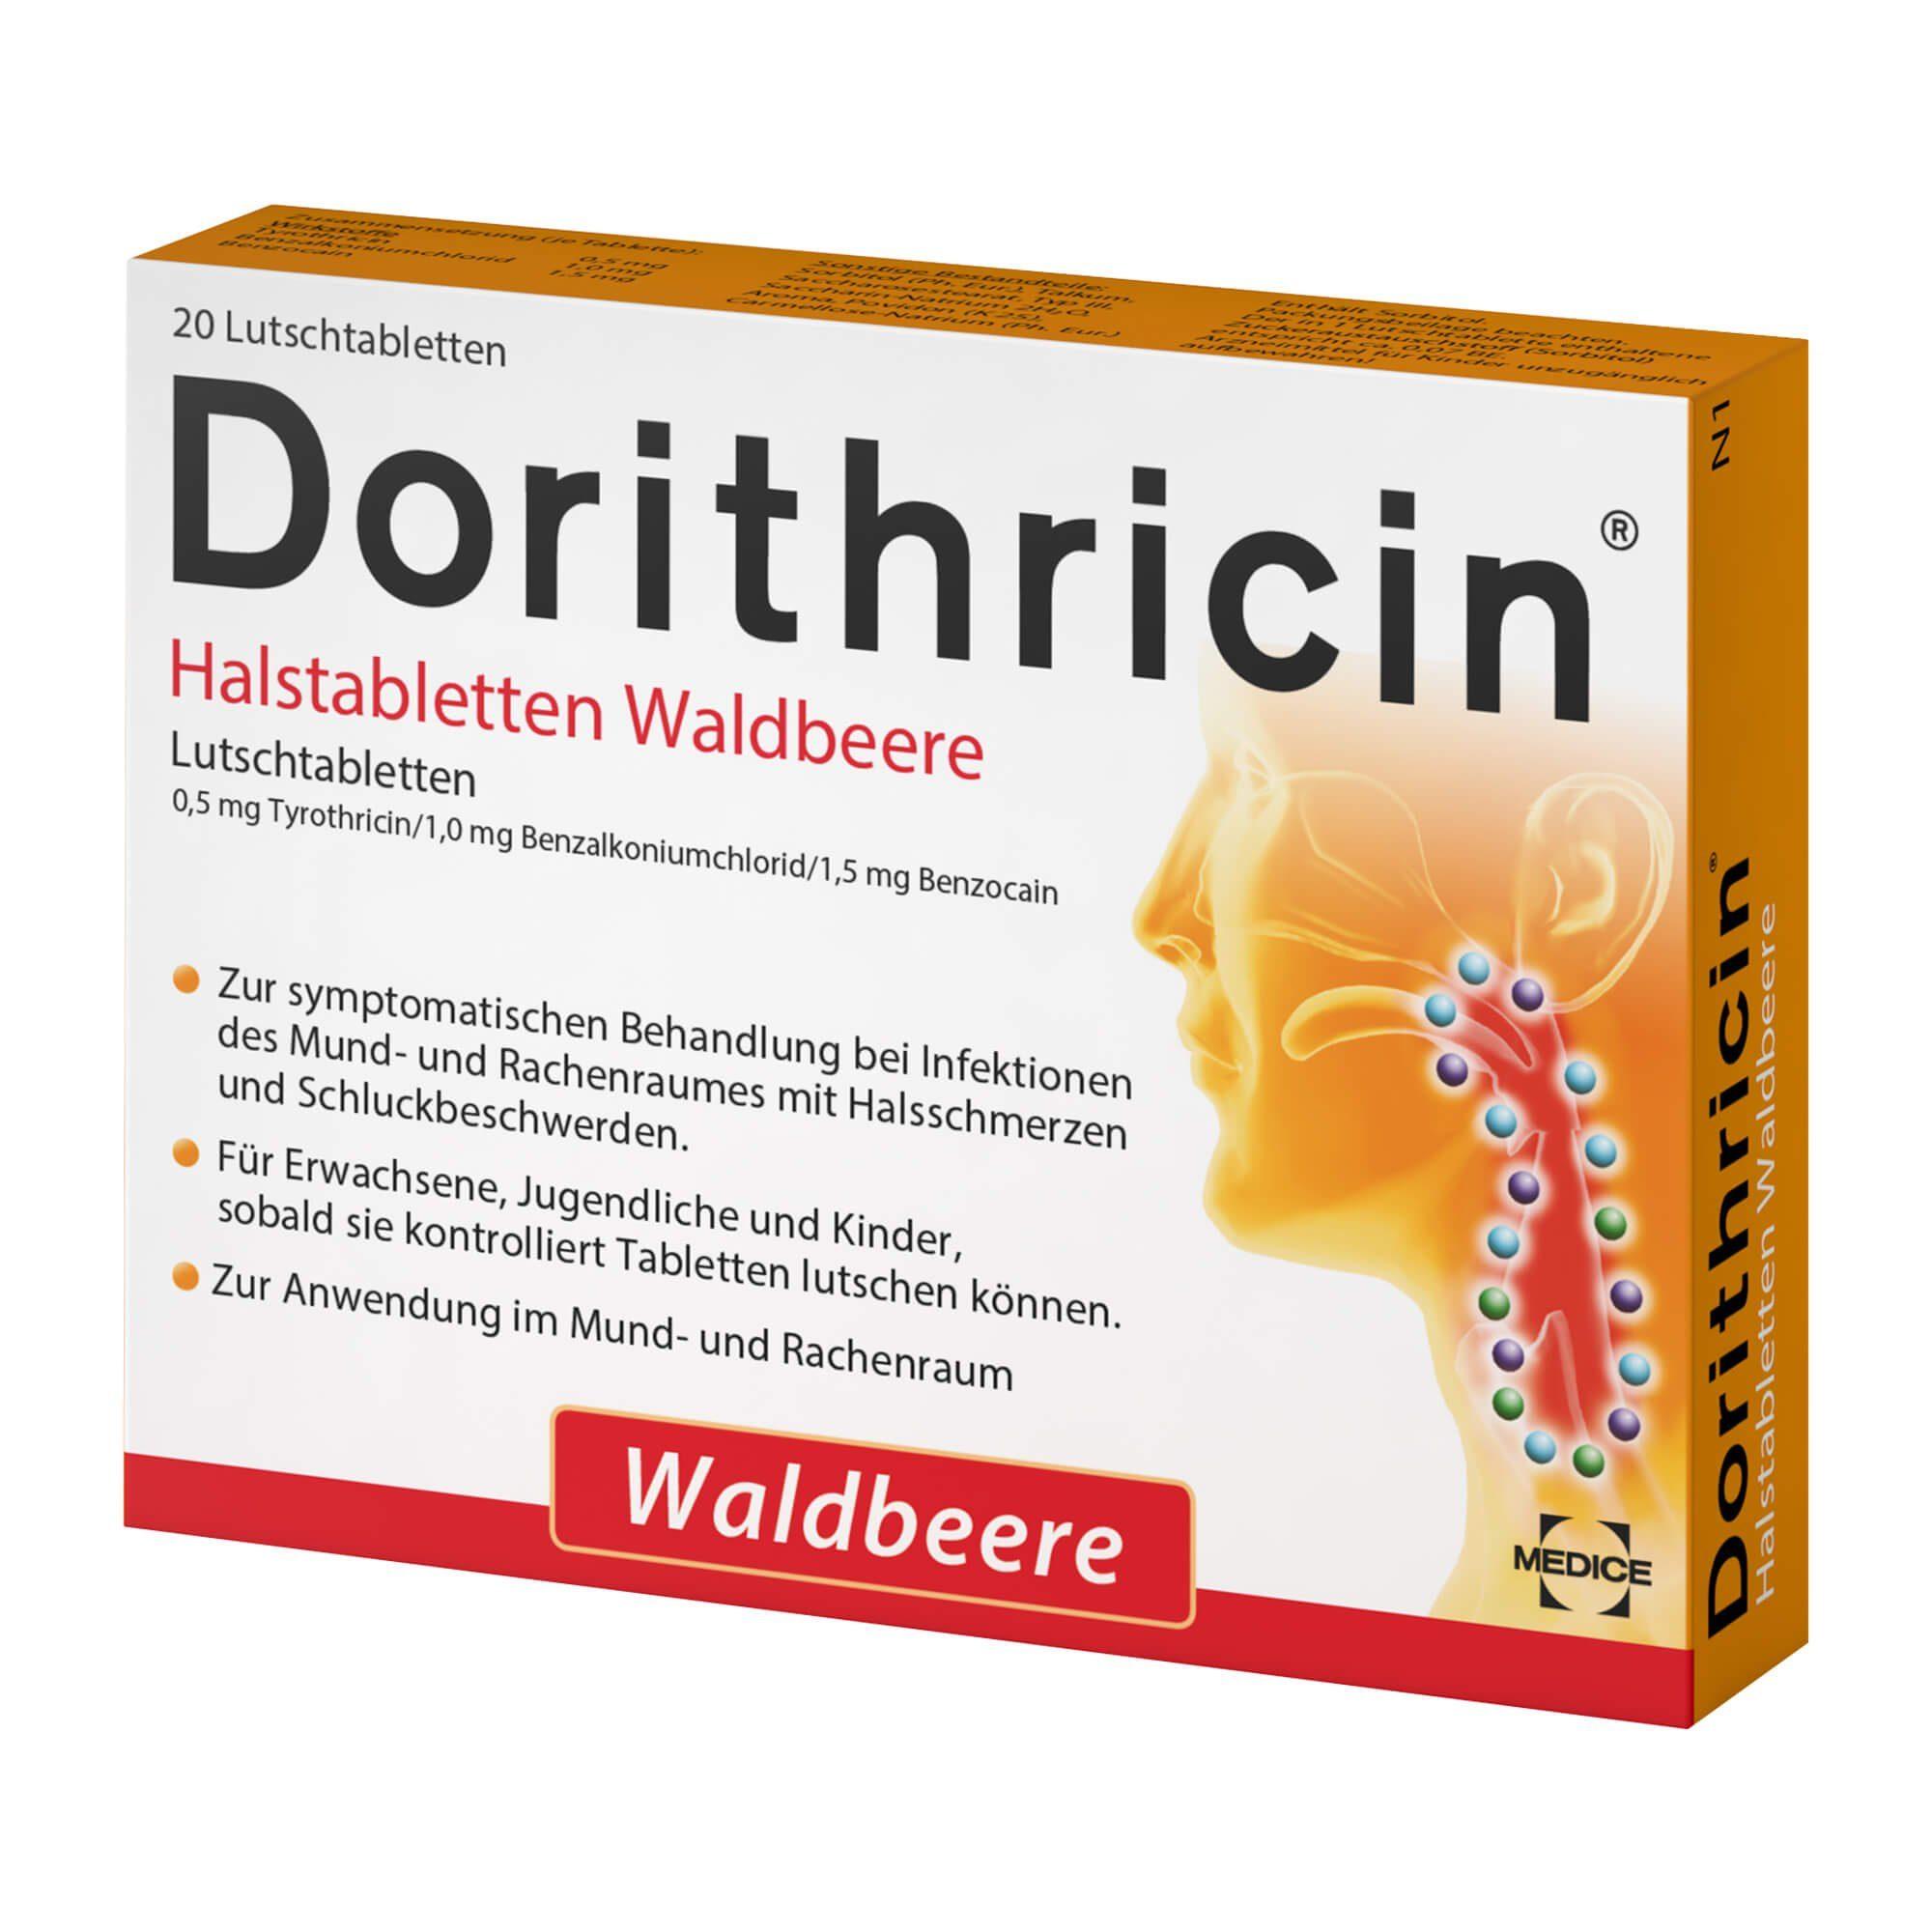 Dorithricin Halstabletten Waldbeere, 20 St